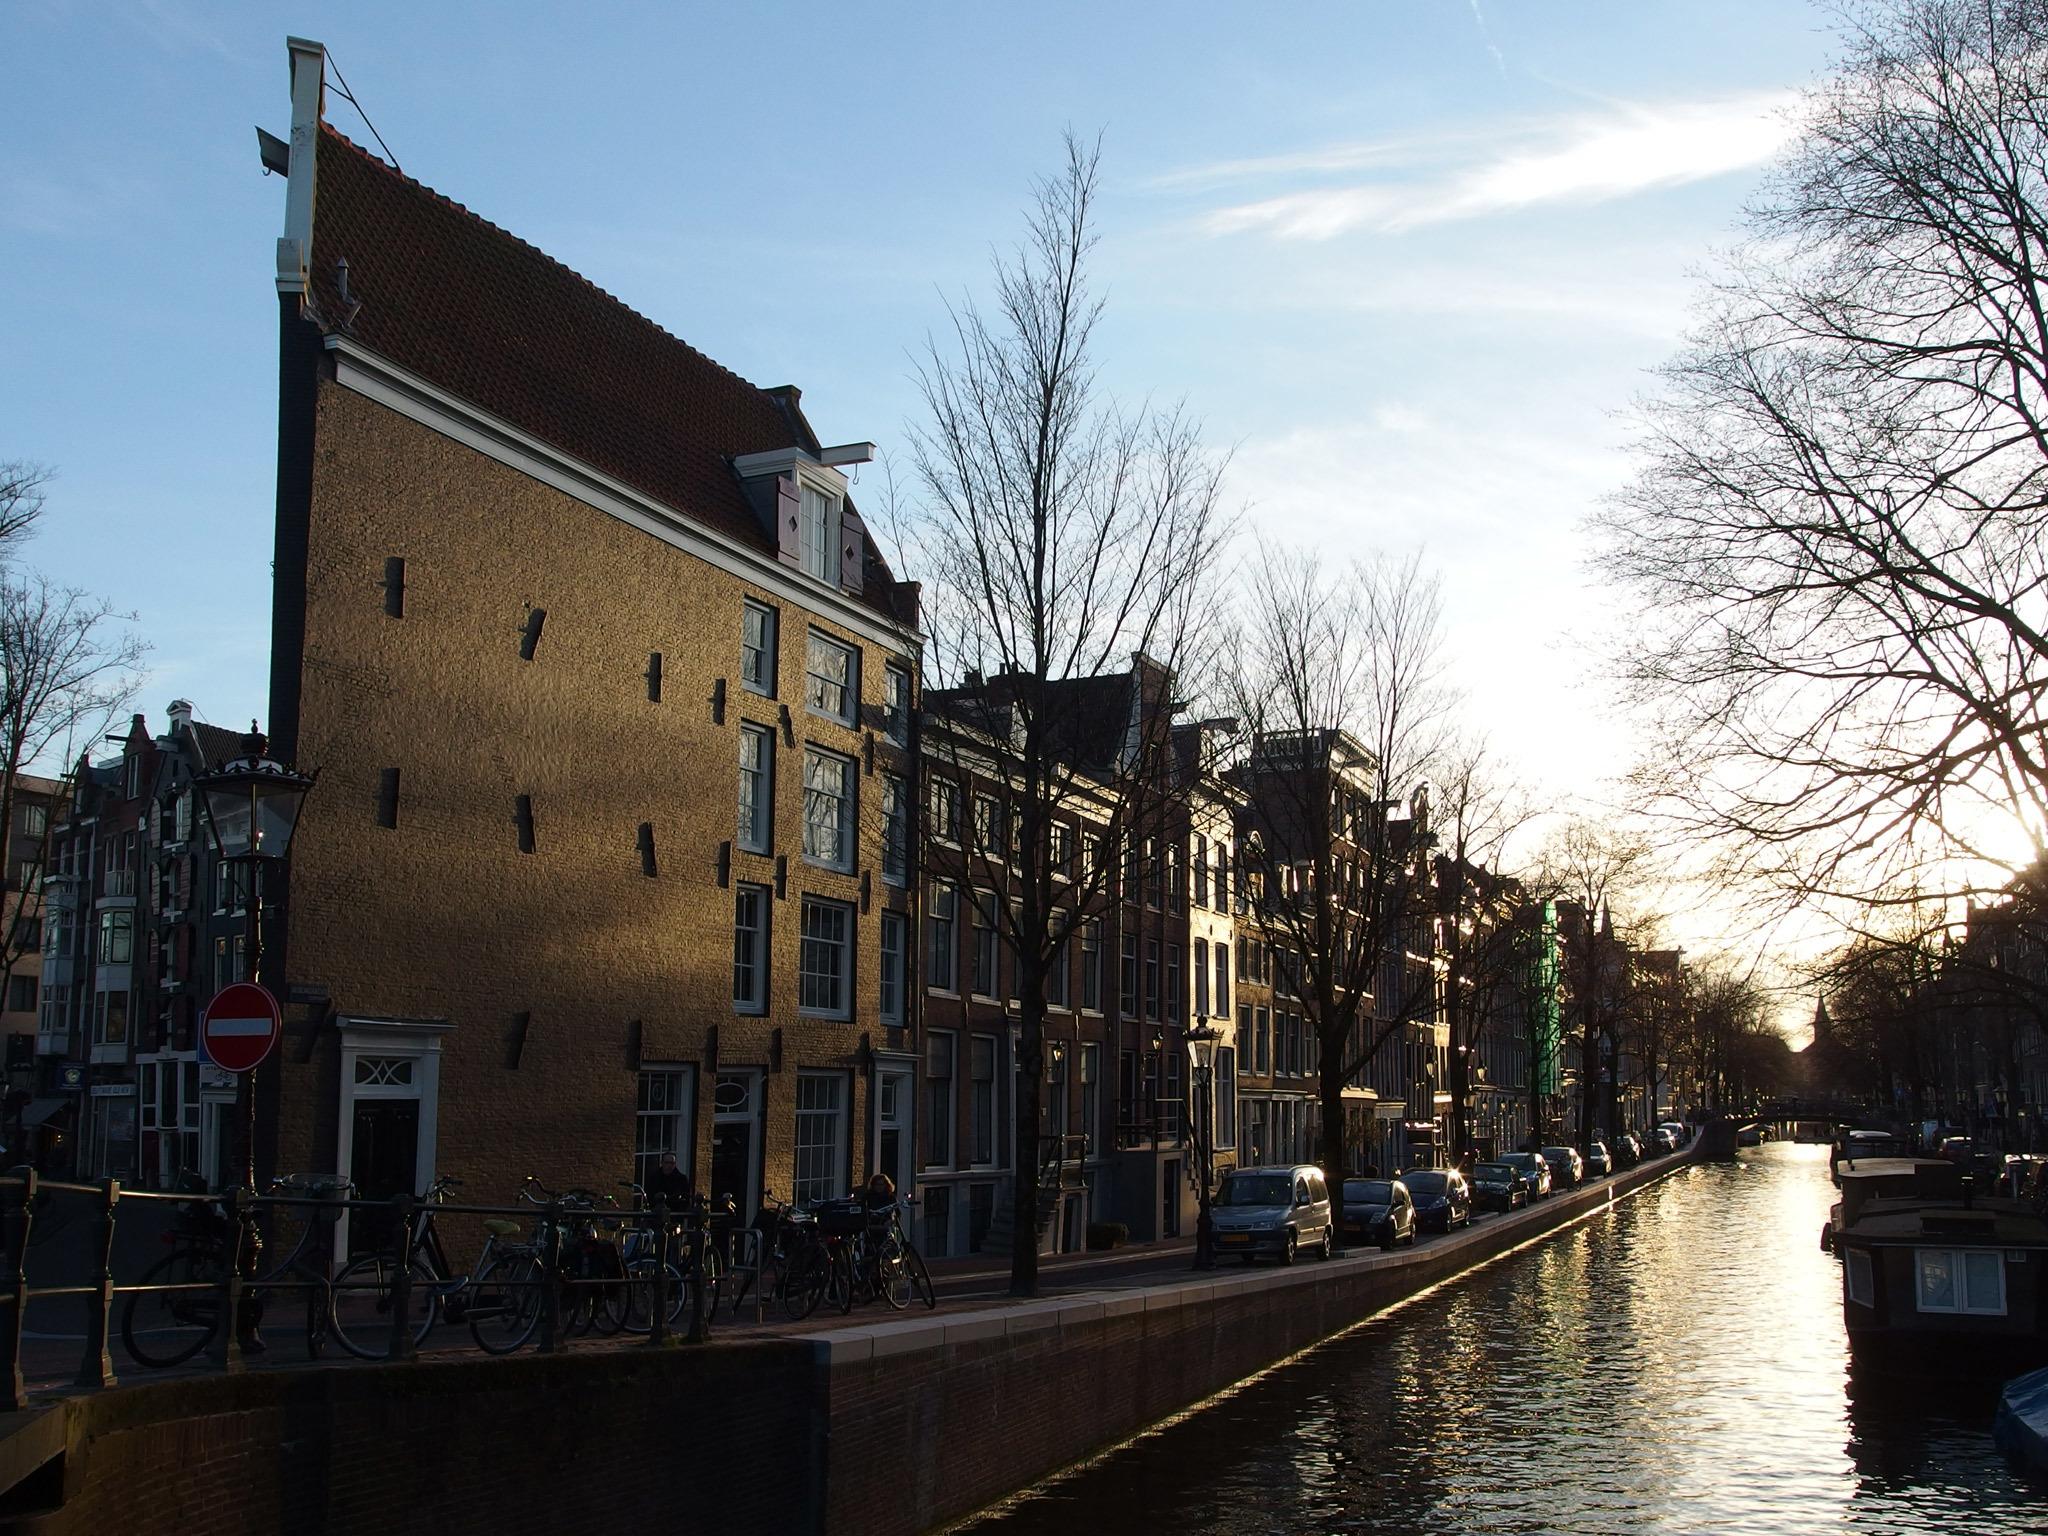 Jordaan canal houses in Amsterdam